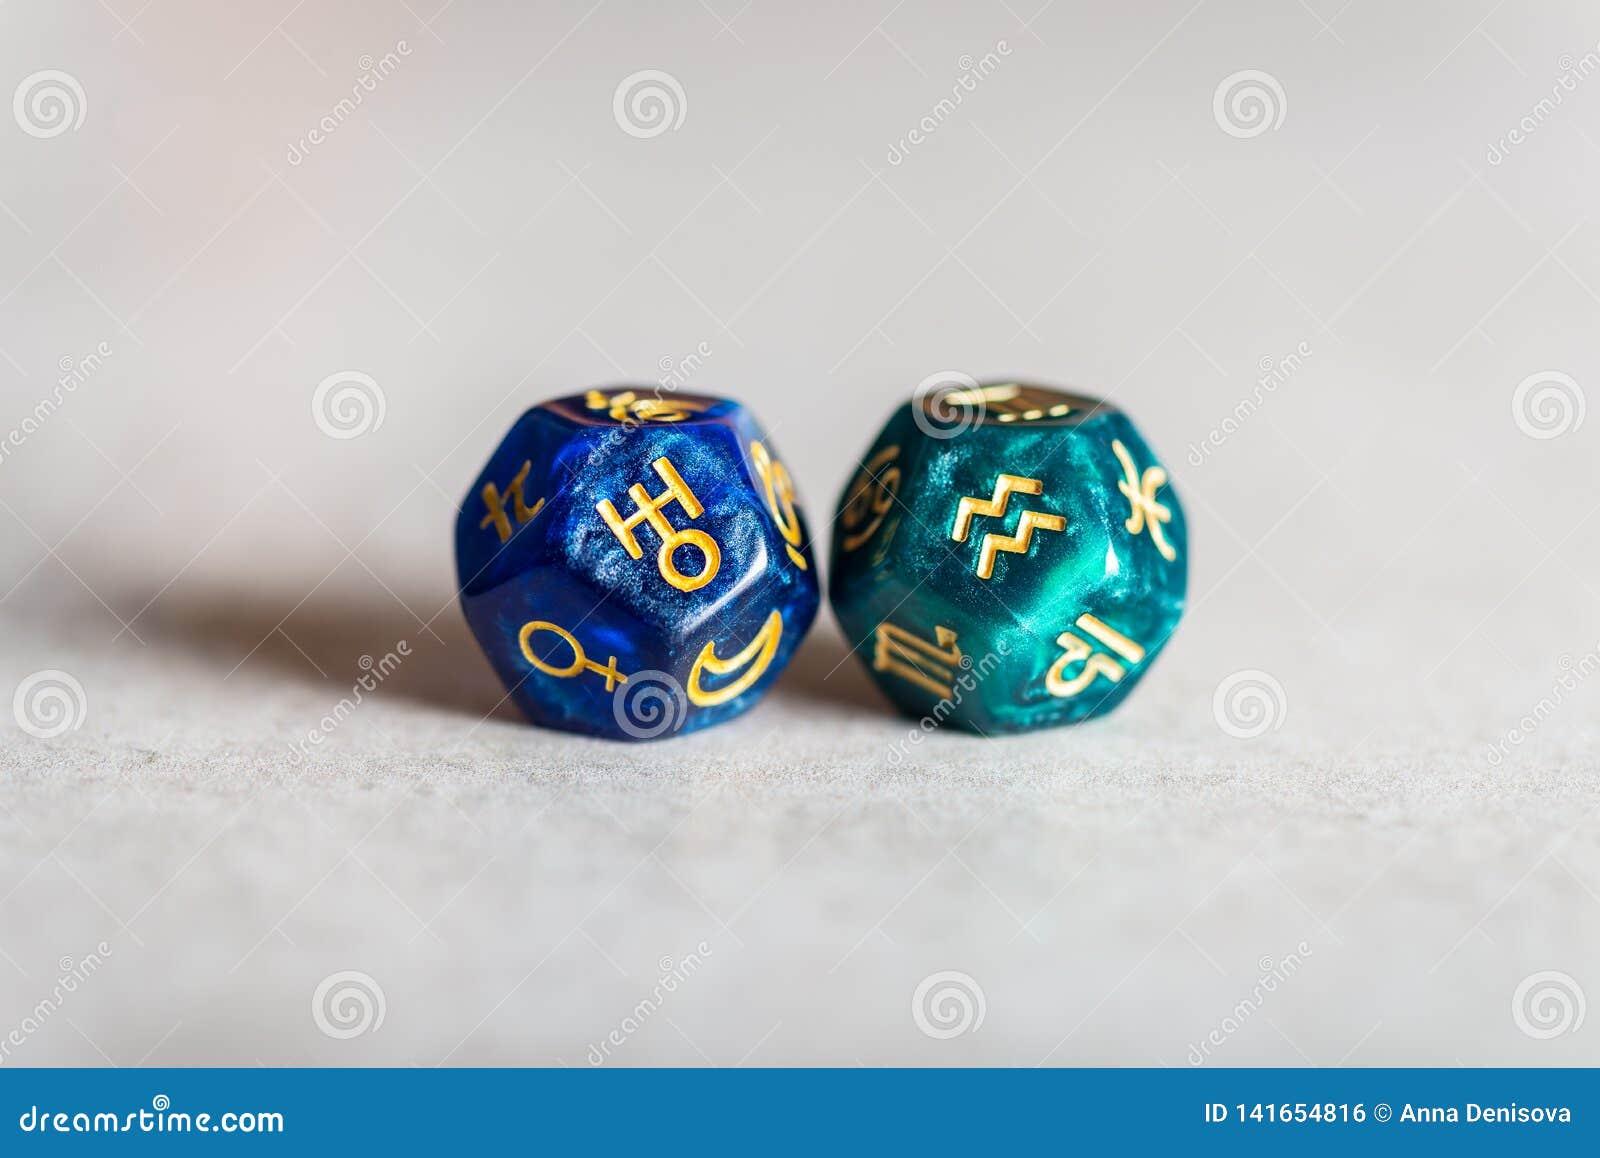 Astrologii kostki do gry z zodiaka symbolem Aquarius Uranus i swój rządząca planeta